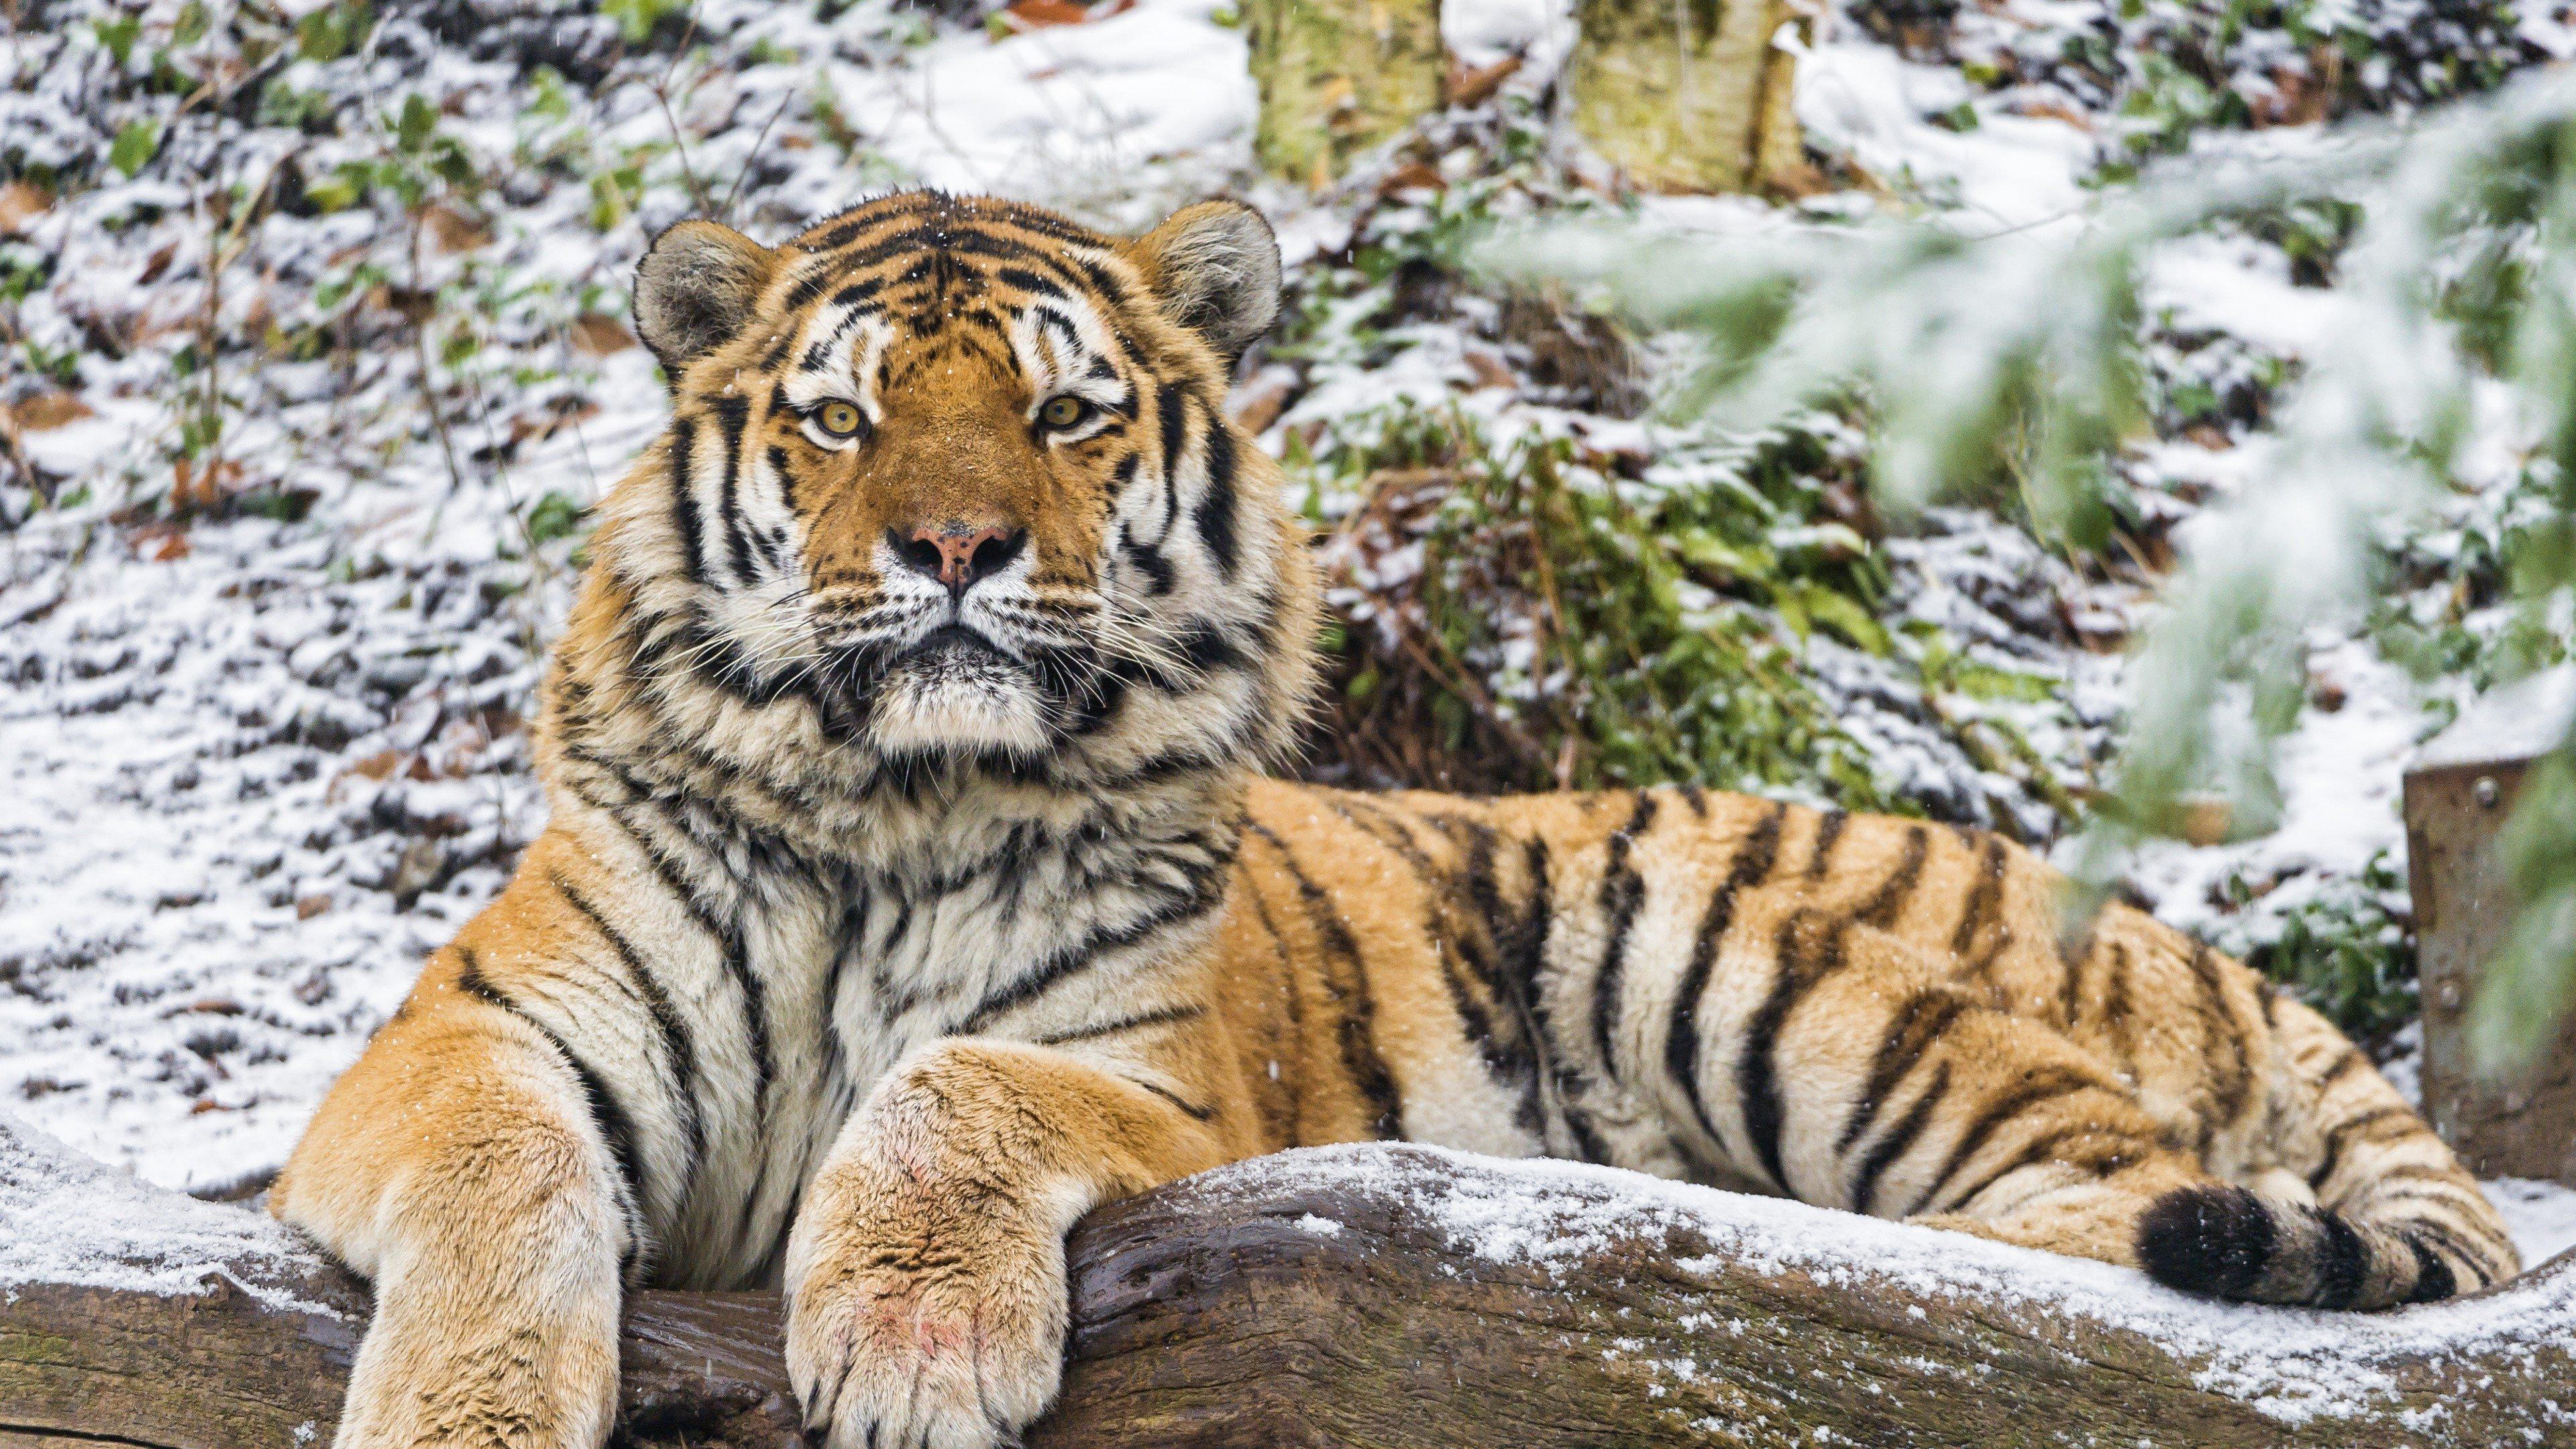 Fondos de pantalla Tigre de Amur